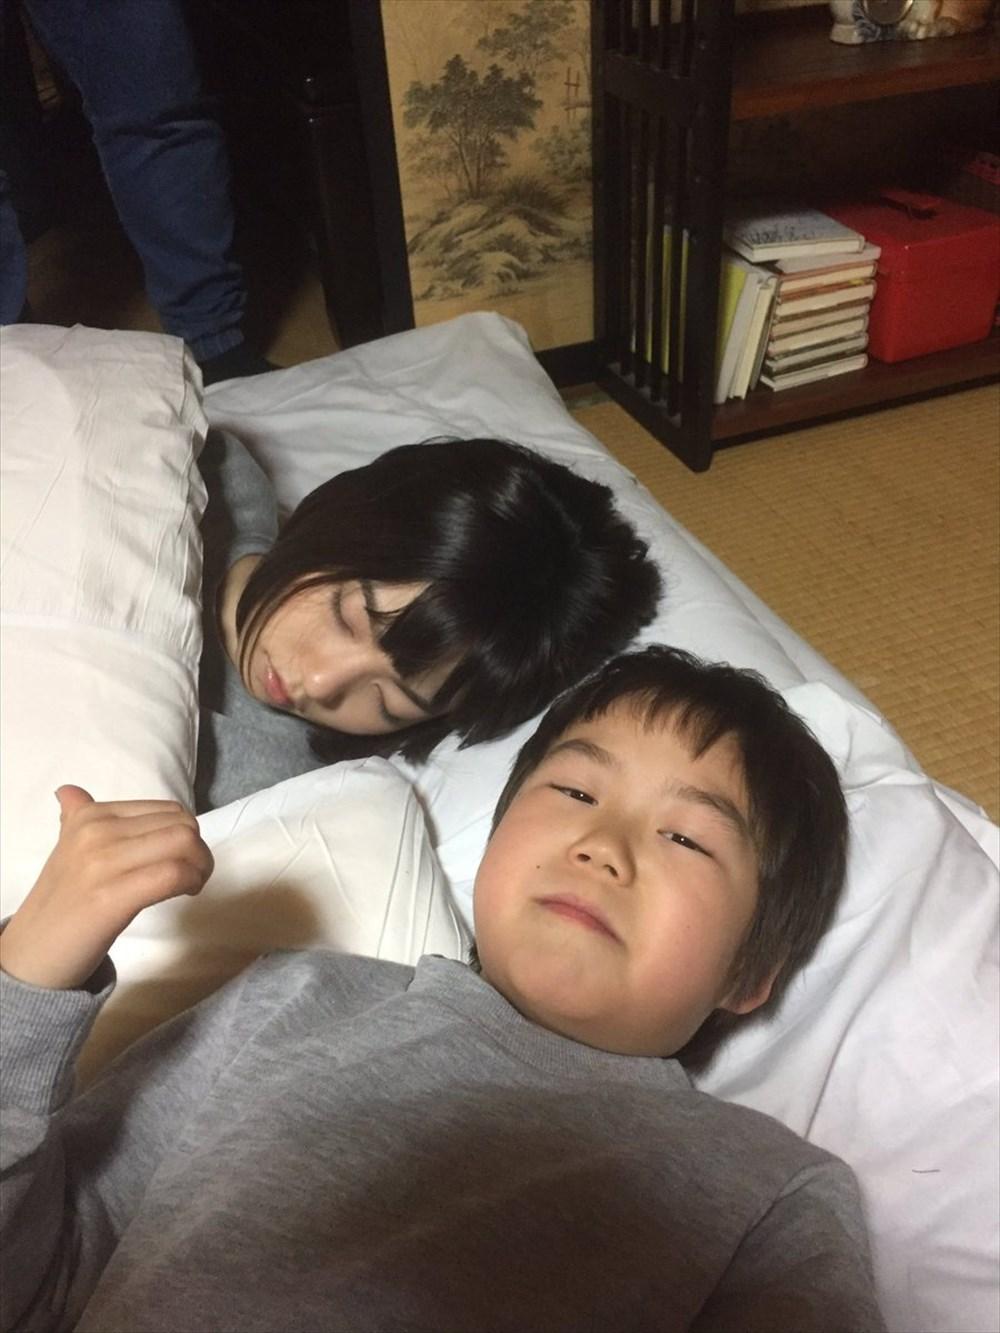 この「俺の女」感! ドラマ『左江内氏』の撮影現場で繰り広げられる寝顔合戦が微笑ましい